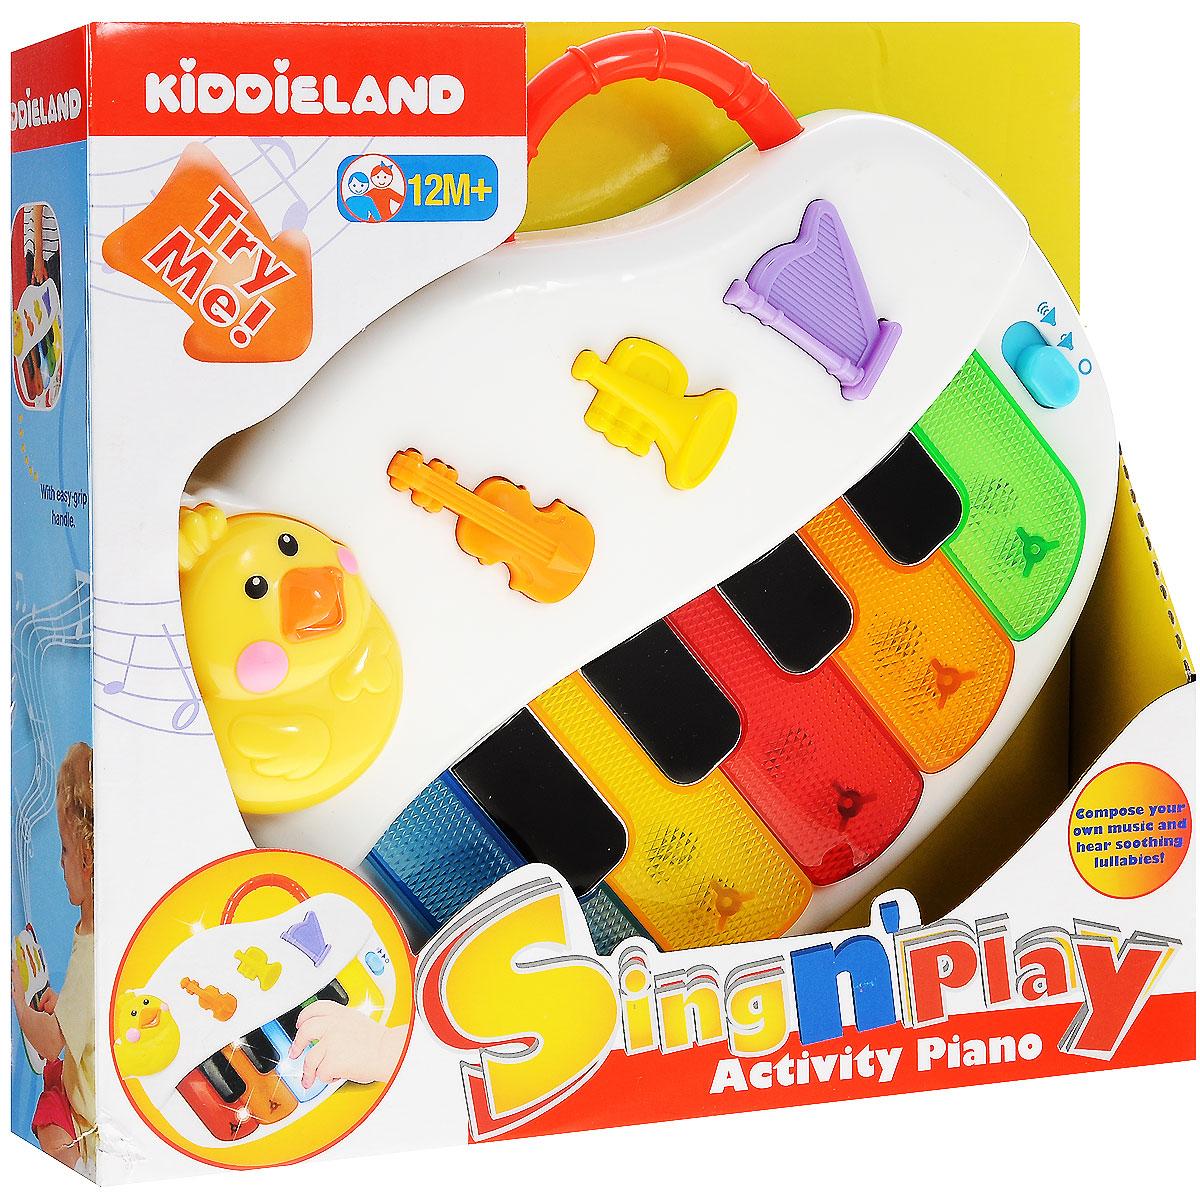 Kiddieland Развивающая игрушка ПианиноKID 051383Развивающая игрушка Kiddieland Пианино обязательно порадует малыша. Игрушка придется по душе всем детям, которые любят музыку, так как с помощью данной модели можно извлекать самые необычные звуки. Сочиняй свои собственные мелодии - на скрипке, трубе, арфе - или слушай имеющиеся композиции под мерцание огоньков. С помощью голубой кнопочки справа можно установить тихий, громкий или беззвучный режим. Игрушка развивает мелкую моторику, мышление, зрительное и звуковое восприятие, повышает двигательную активность малышей. Рекомендуемый возраст: от 12 месяцев. Питание: 2 батарейки типа АА (входят в комплект).